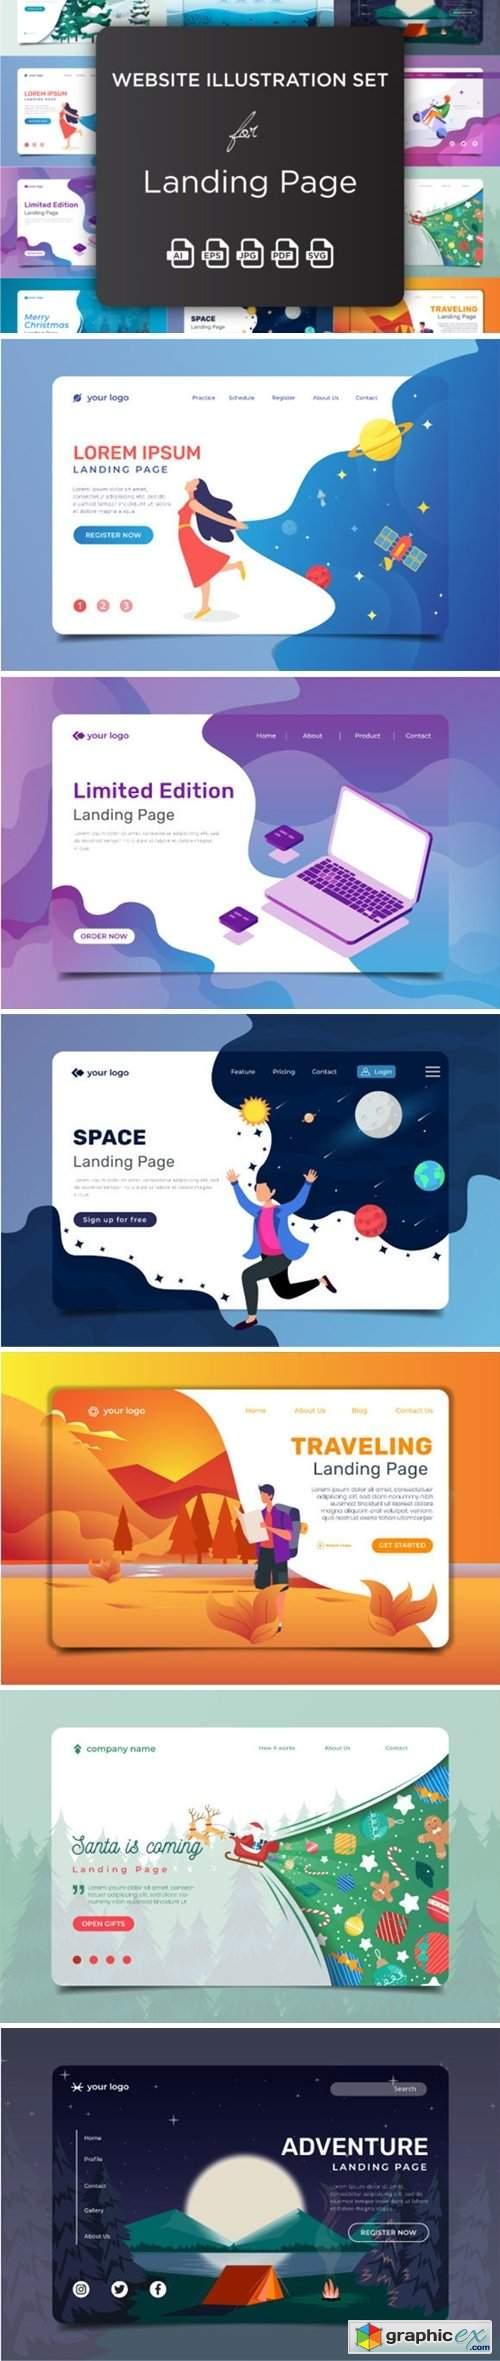 Website Illustration Set